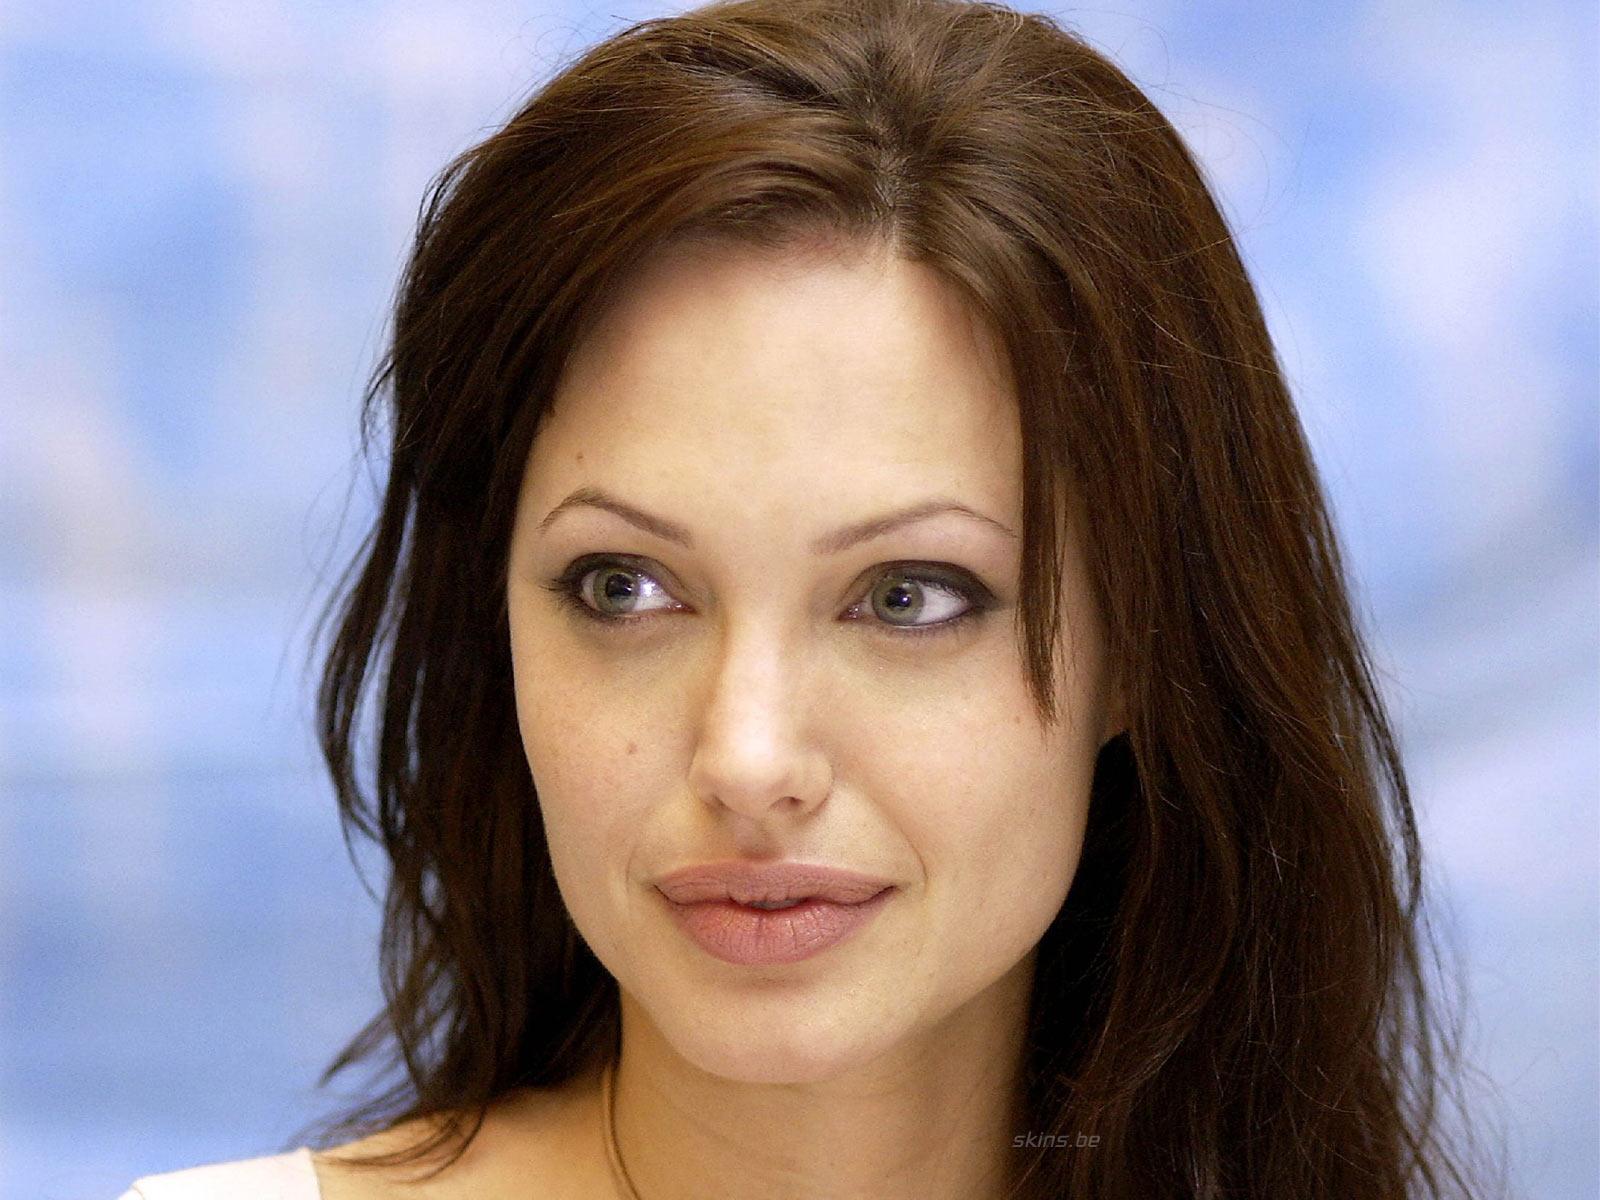 Wikimise: Angelina Jolie Wiki And Pics